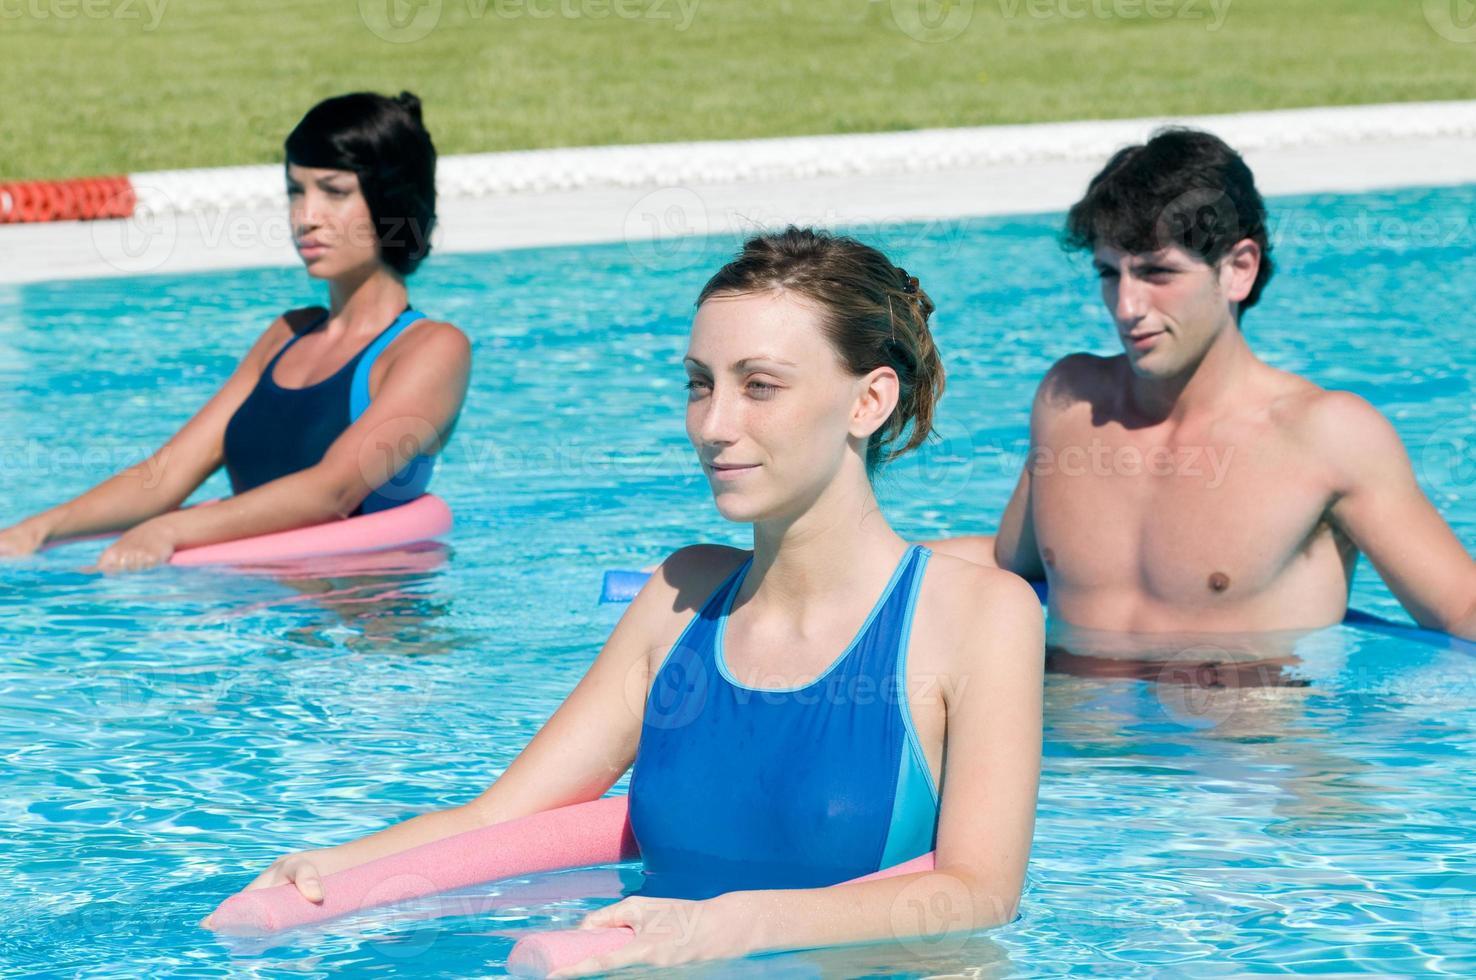 personnes actives faisant de l'aquagym dans une piscine photo